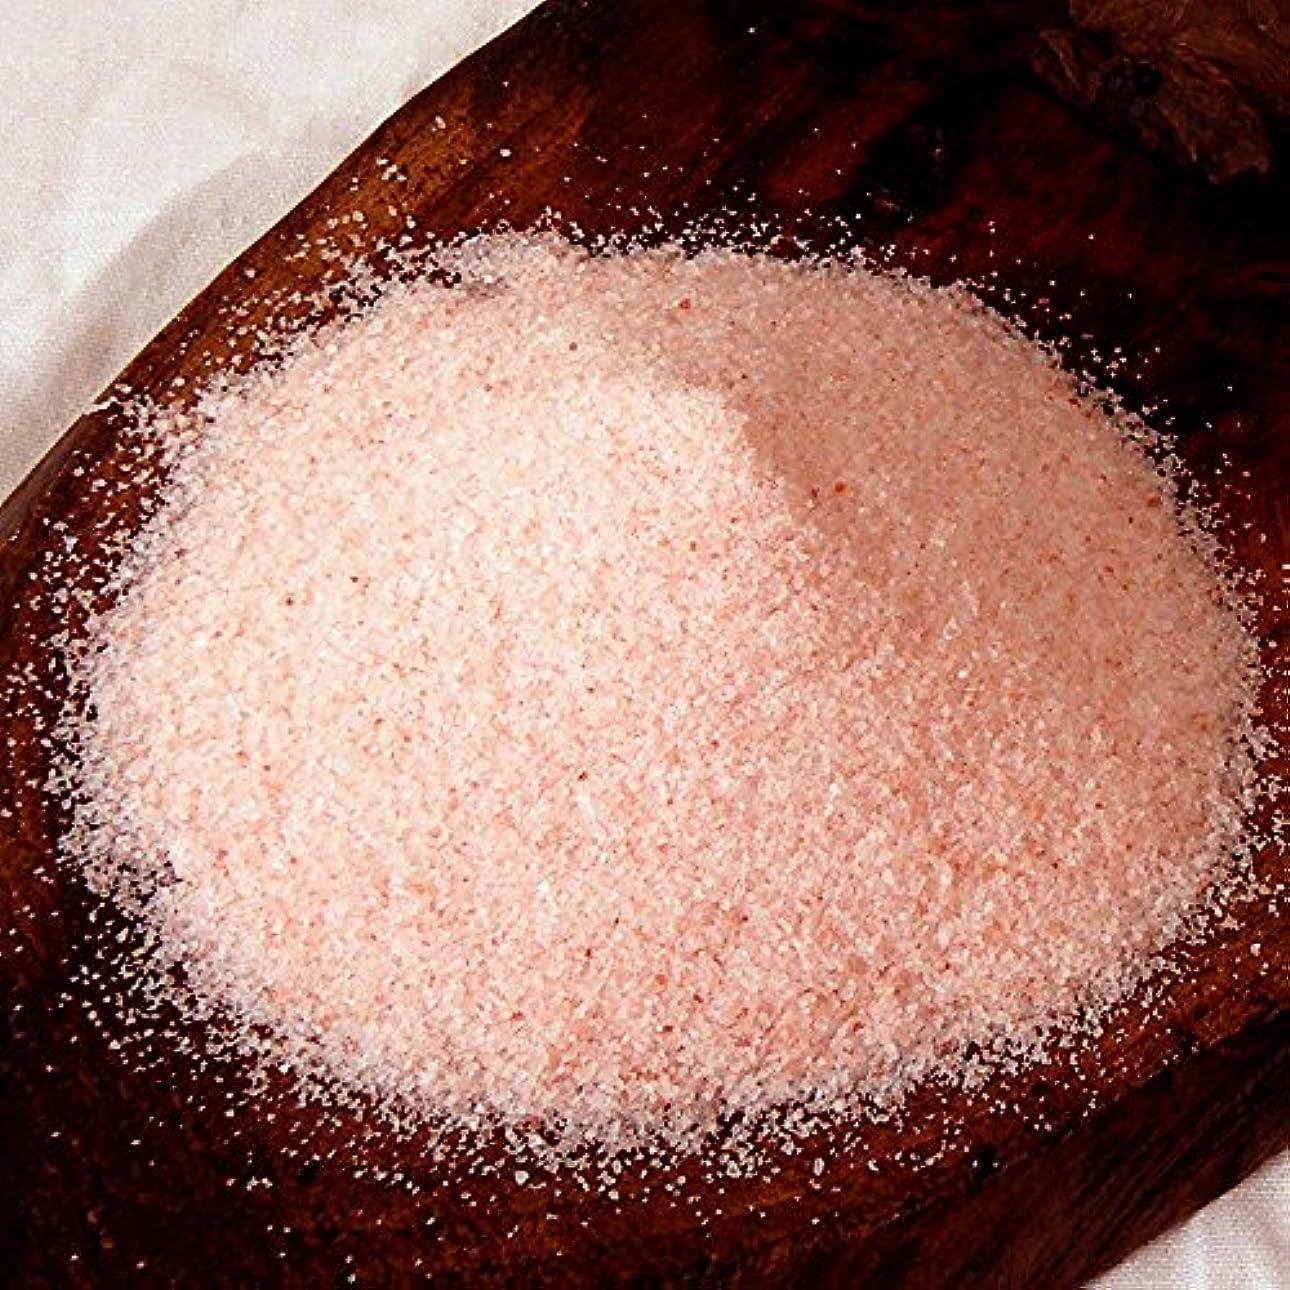 ミリメートル作成する豆腐ヒマラヤ岩塩 バスソルト ローズソルト 溶けやすい細粒タイプ 5kg 塩洗顔にも 【保管に便利な1kg×5パック】